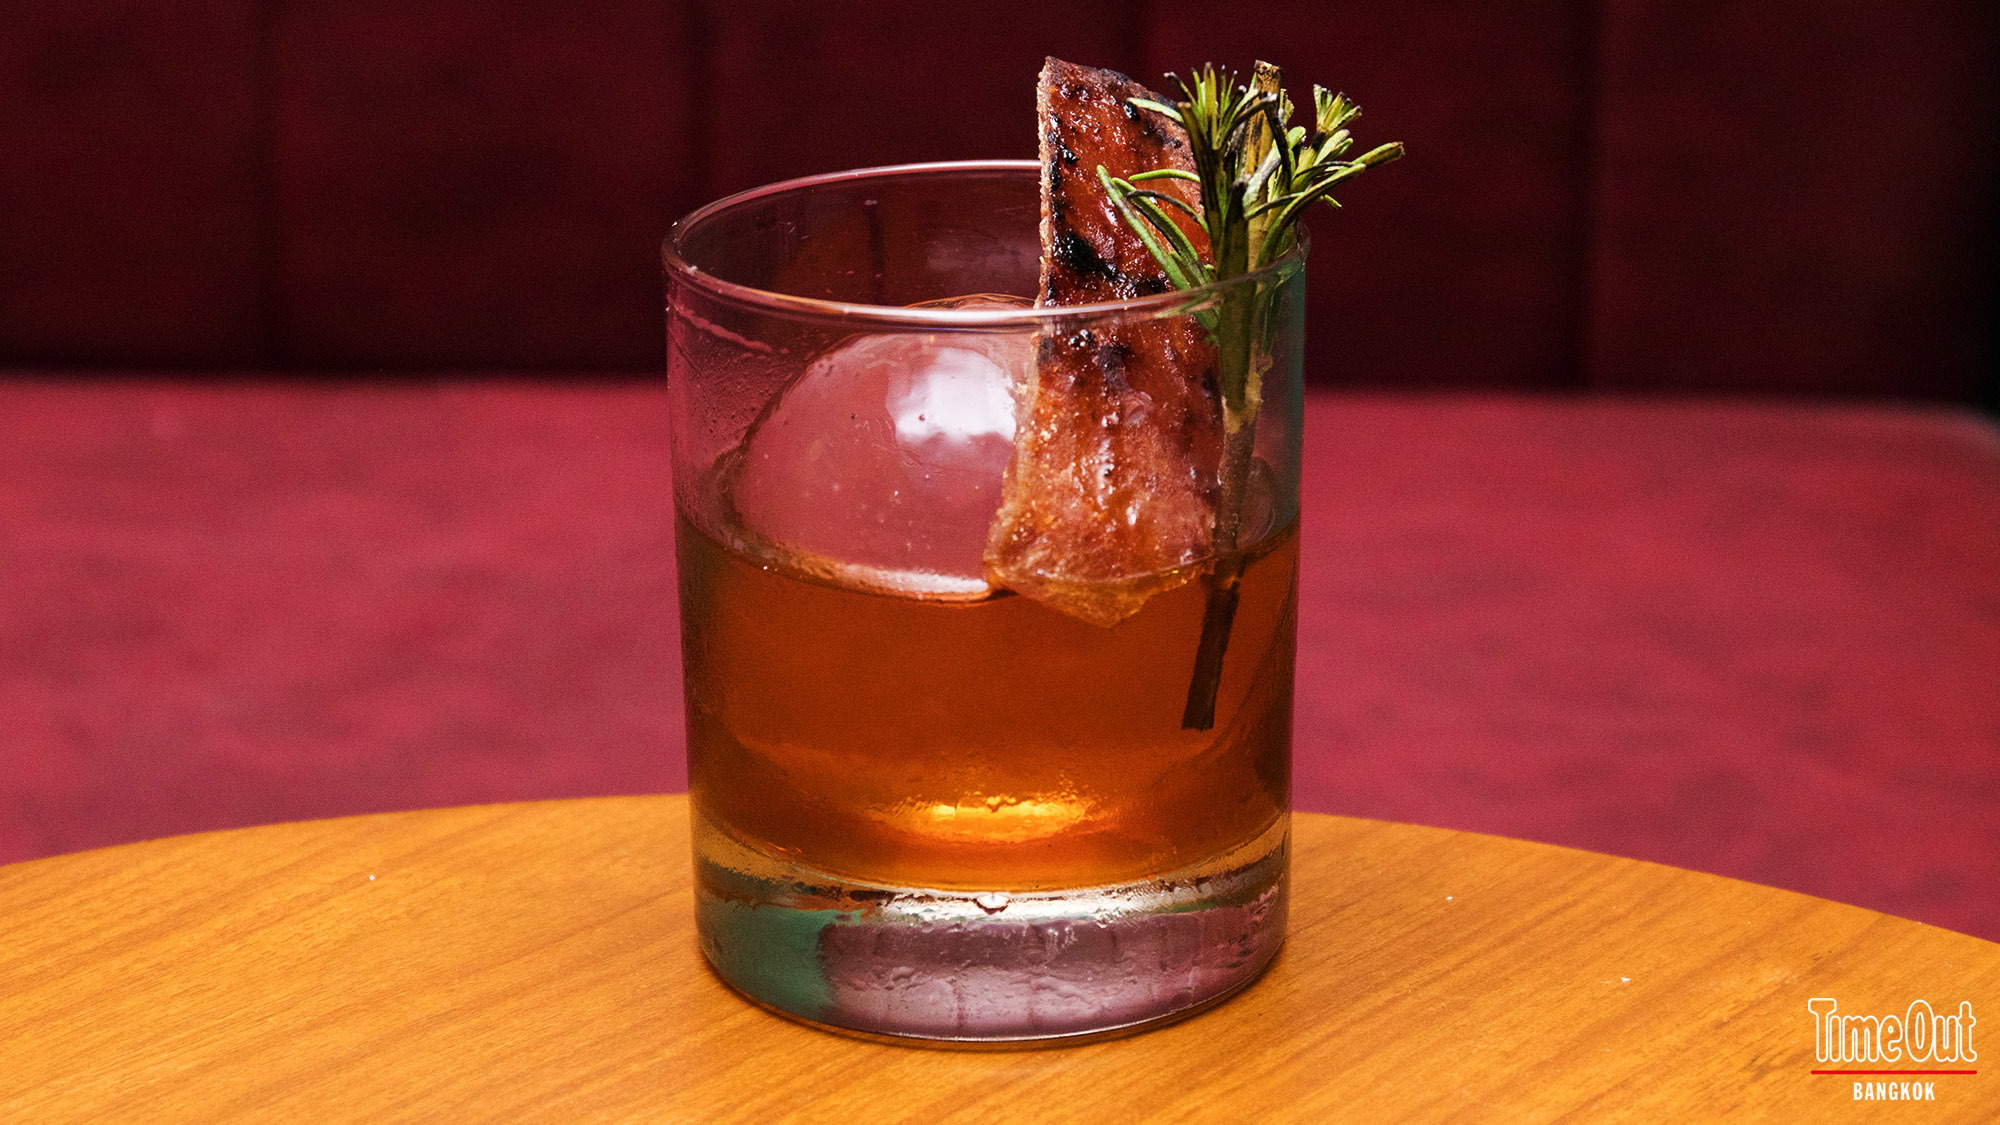 Herbal-infused cocktail at dim dim